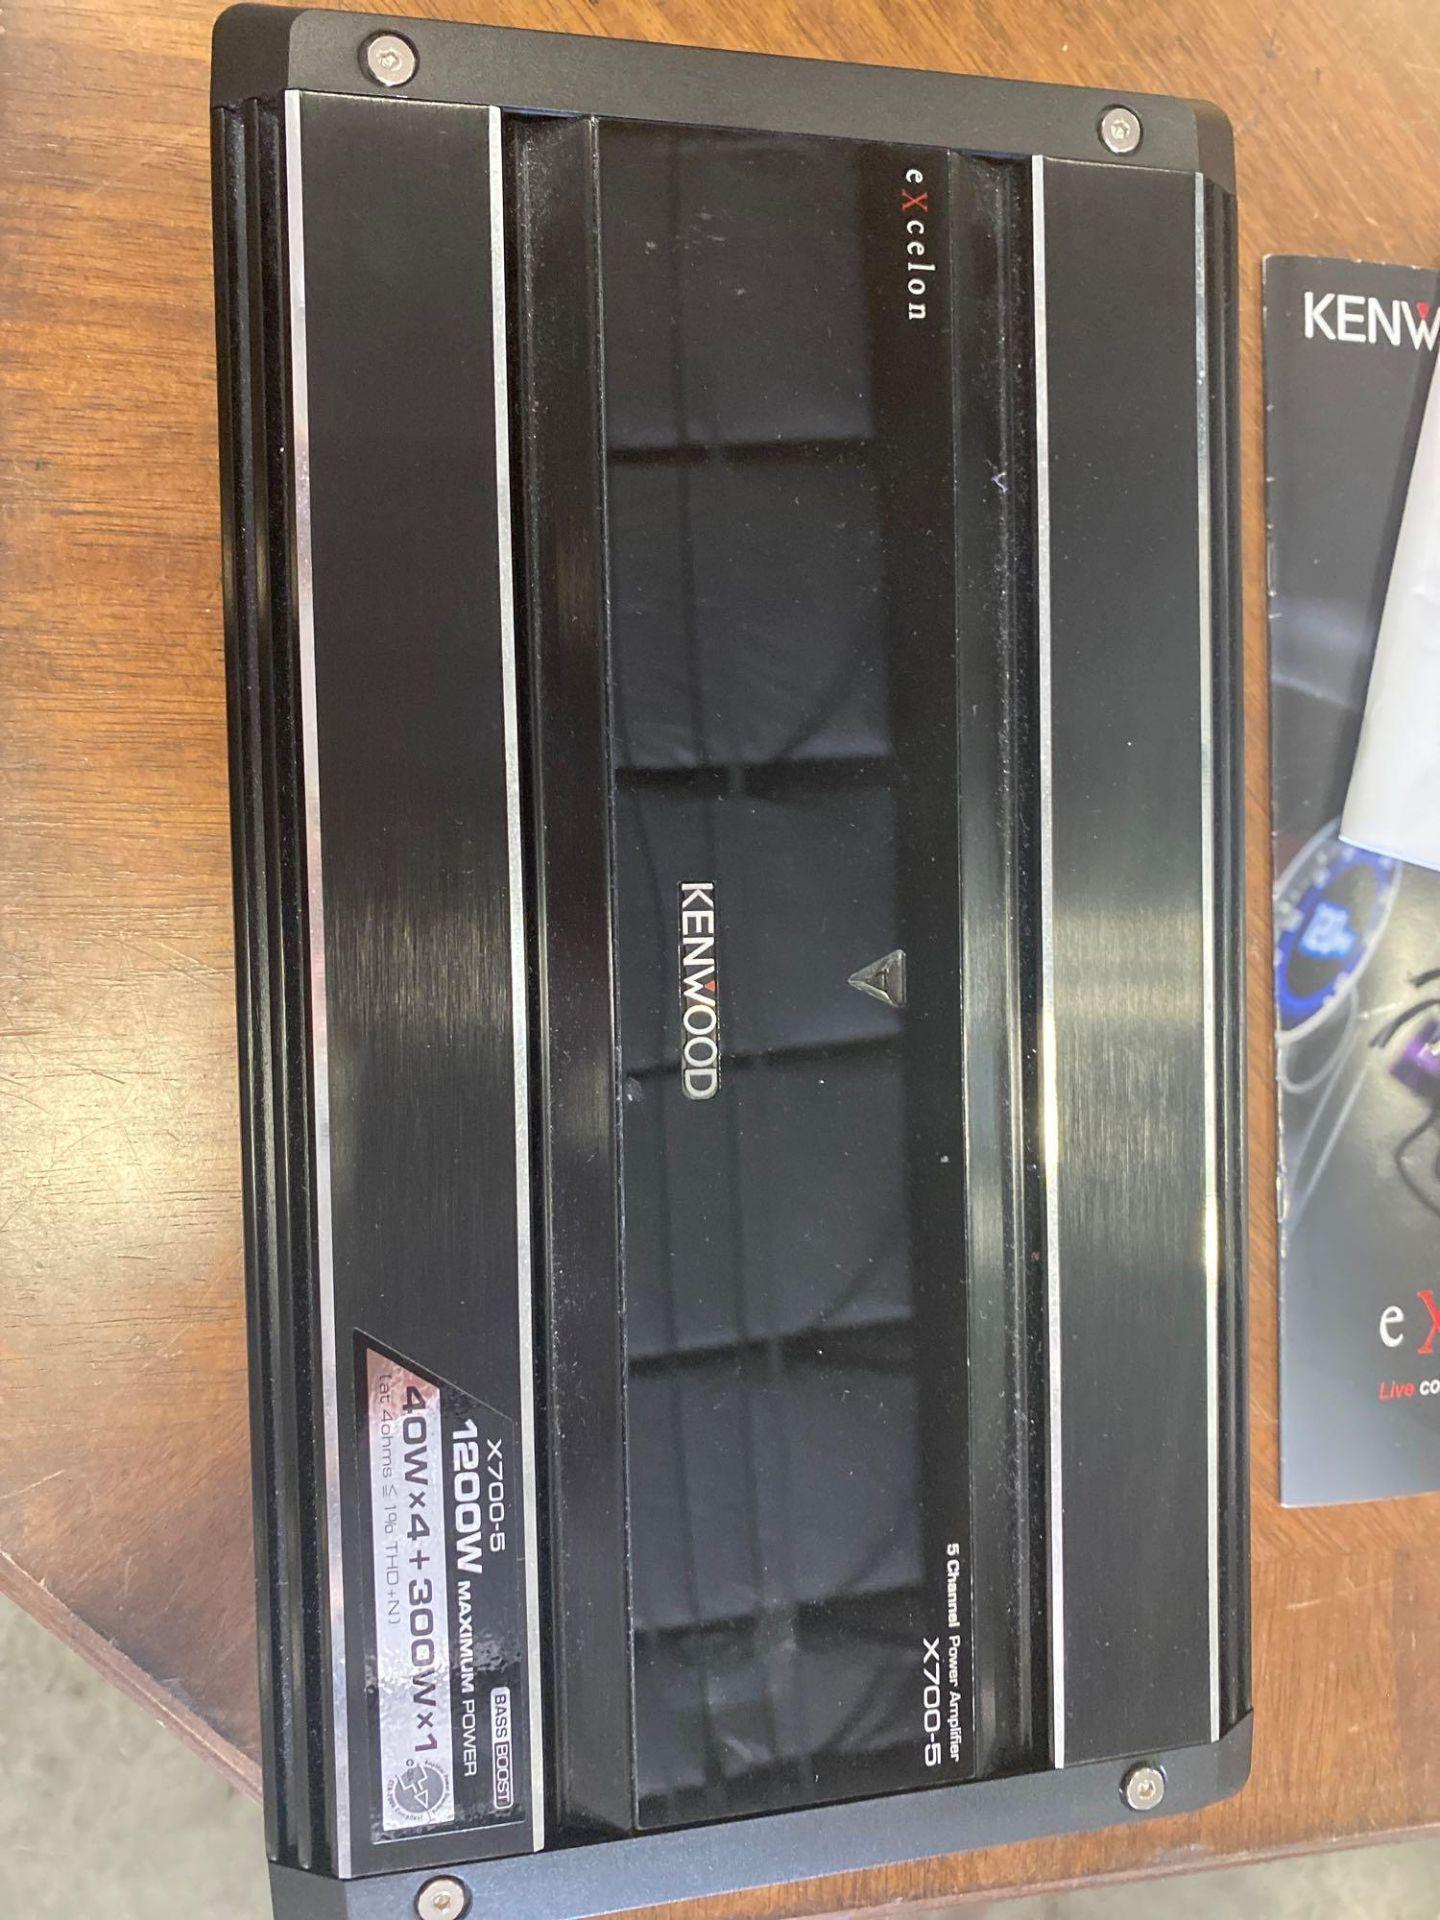 Lot 275 - KENWOOD EXCELON 5 CH AMPLIFIER 50W